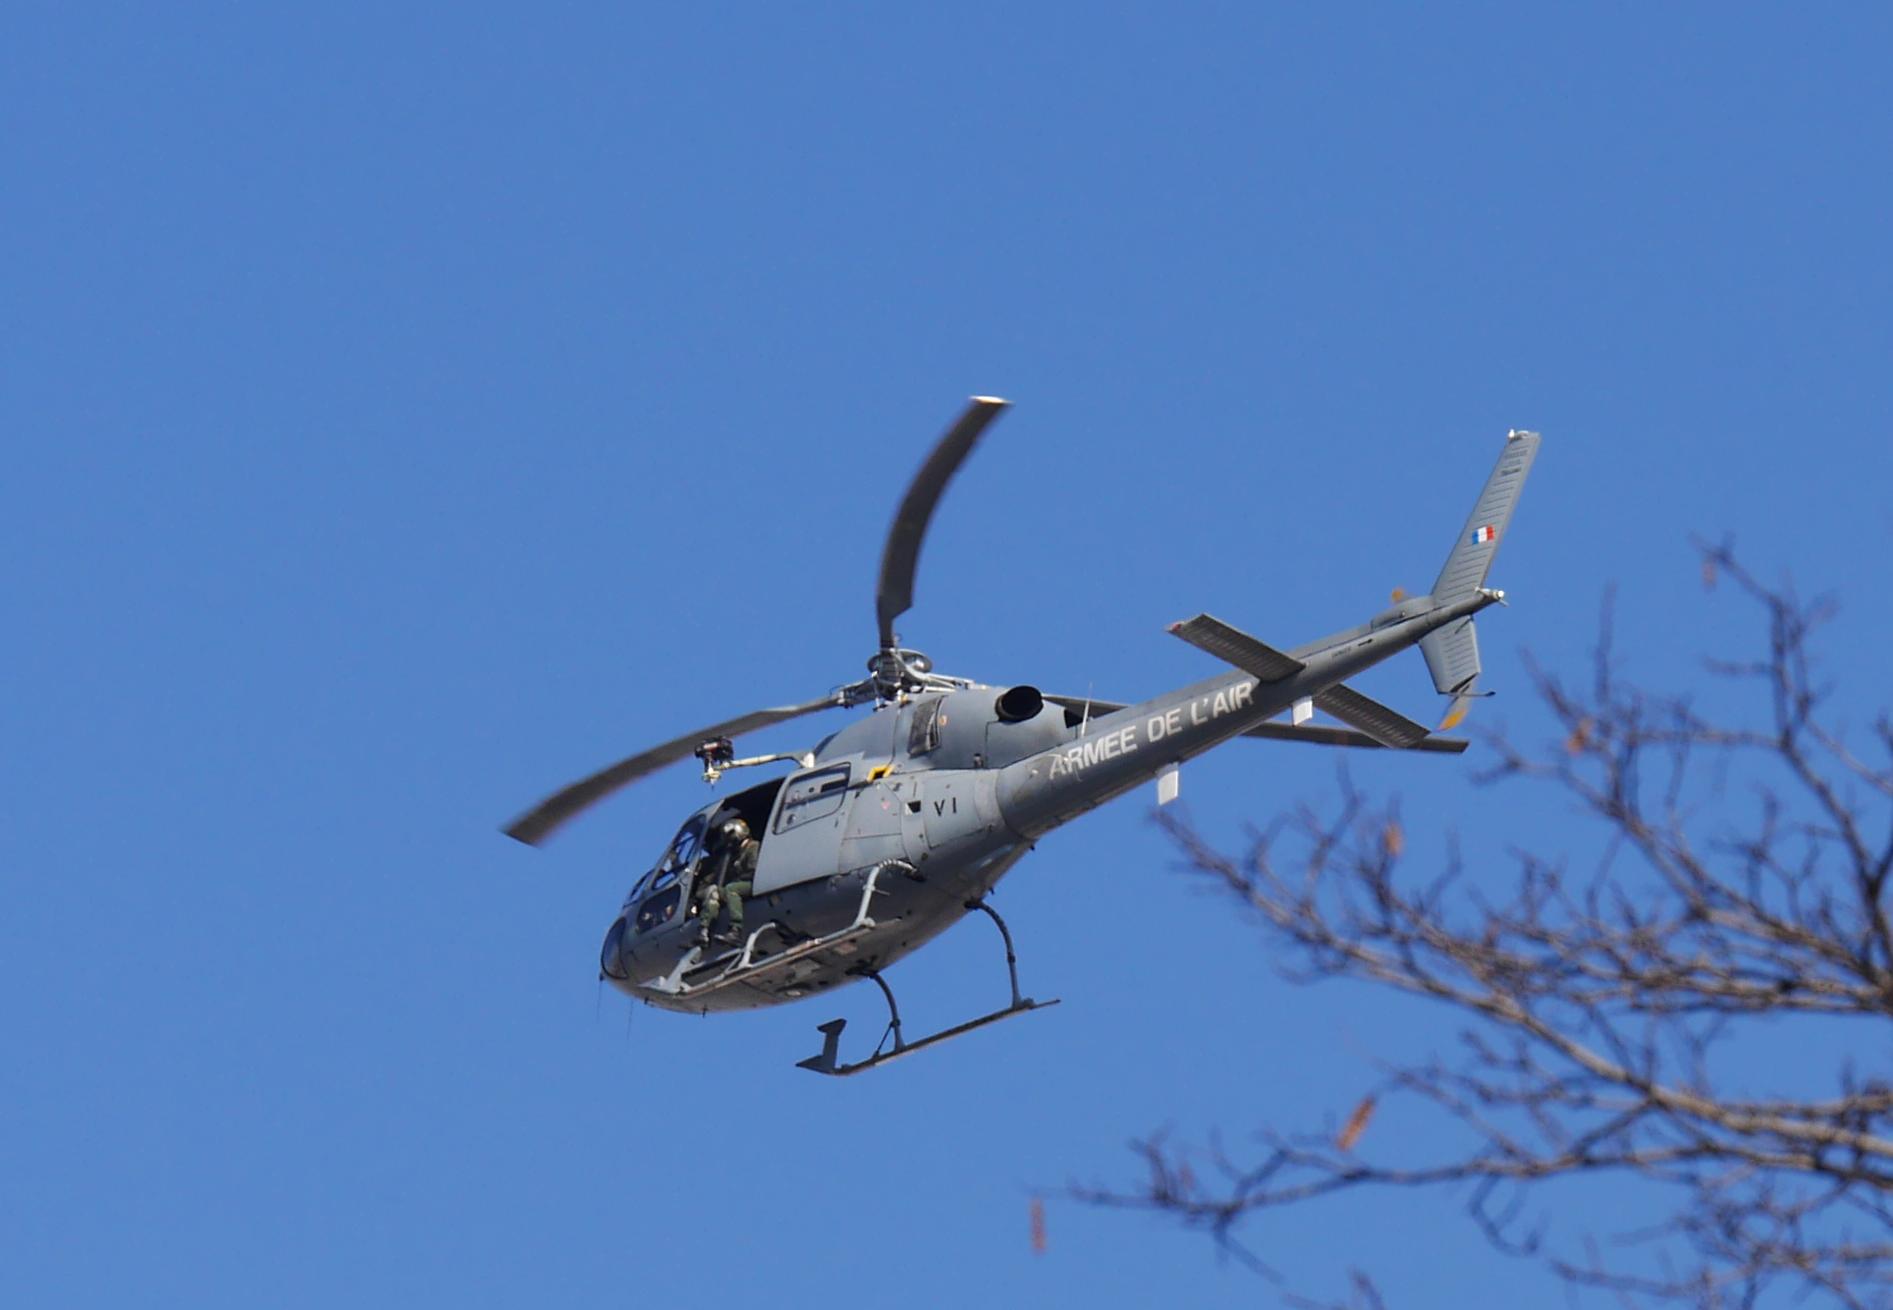 Survol des manifestants par un hélicoptère de l'armée de l'air.